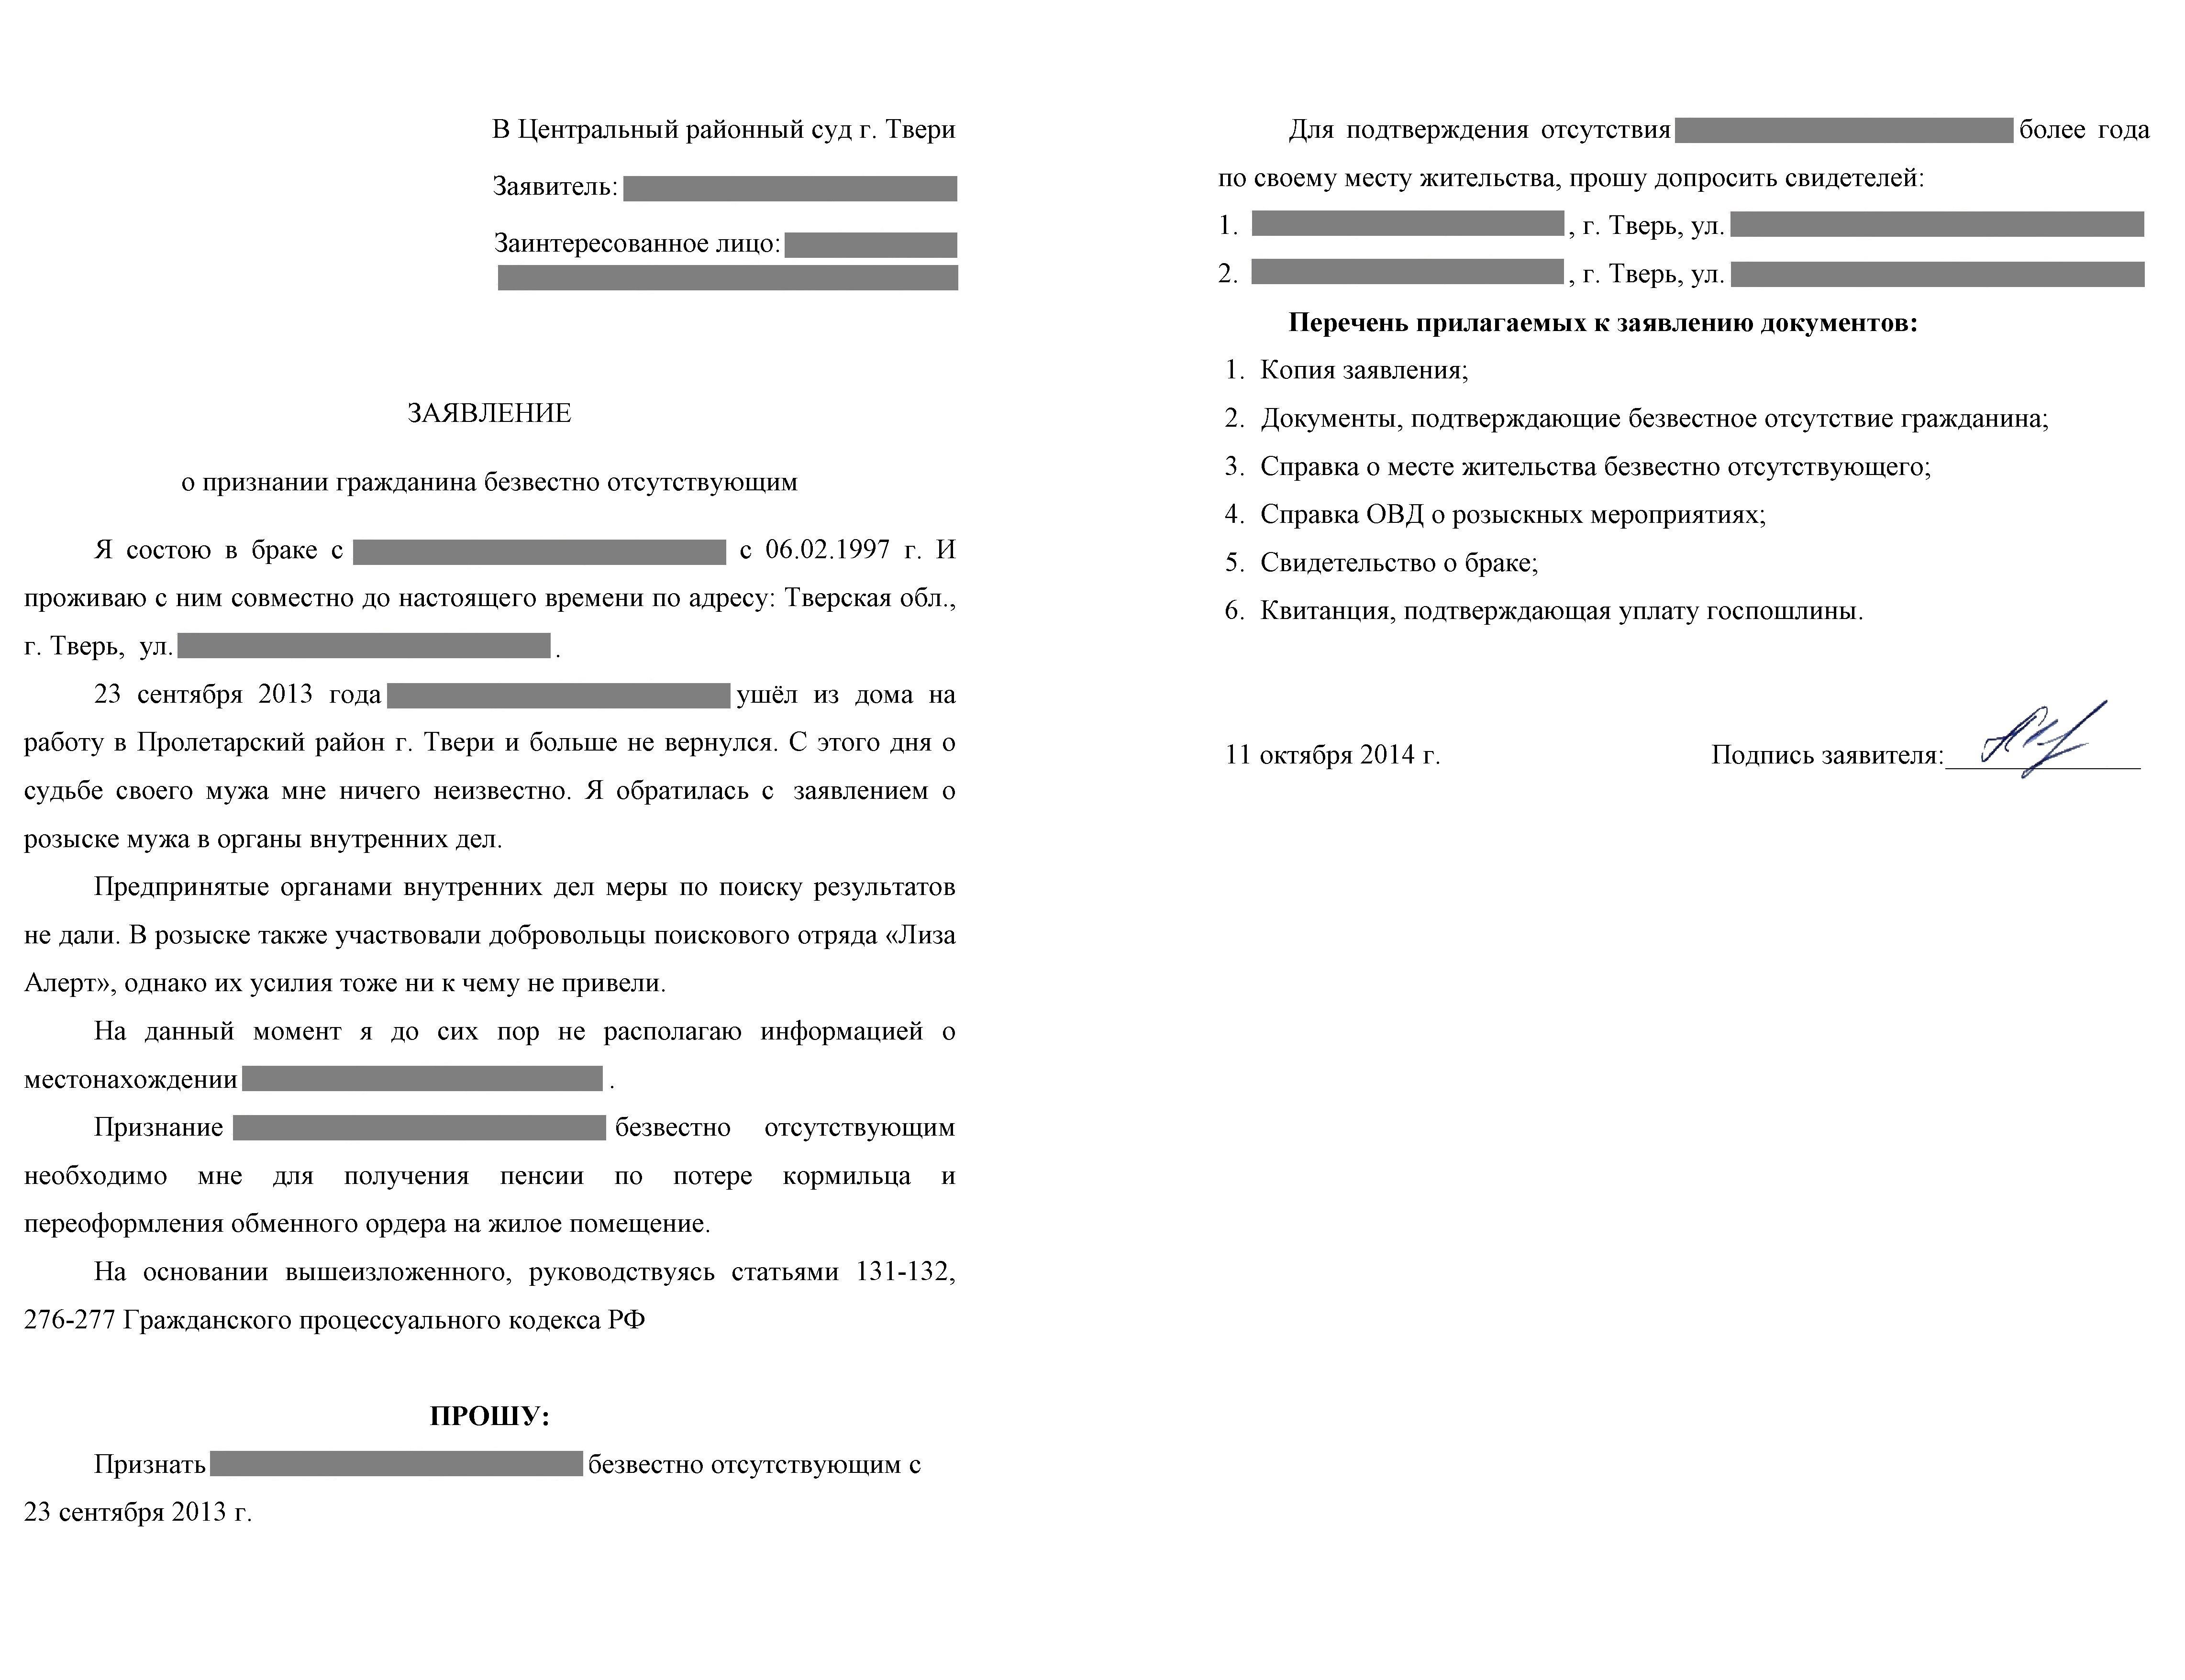 Заявление о признании гражданина *** безвестно отсутствующим